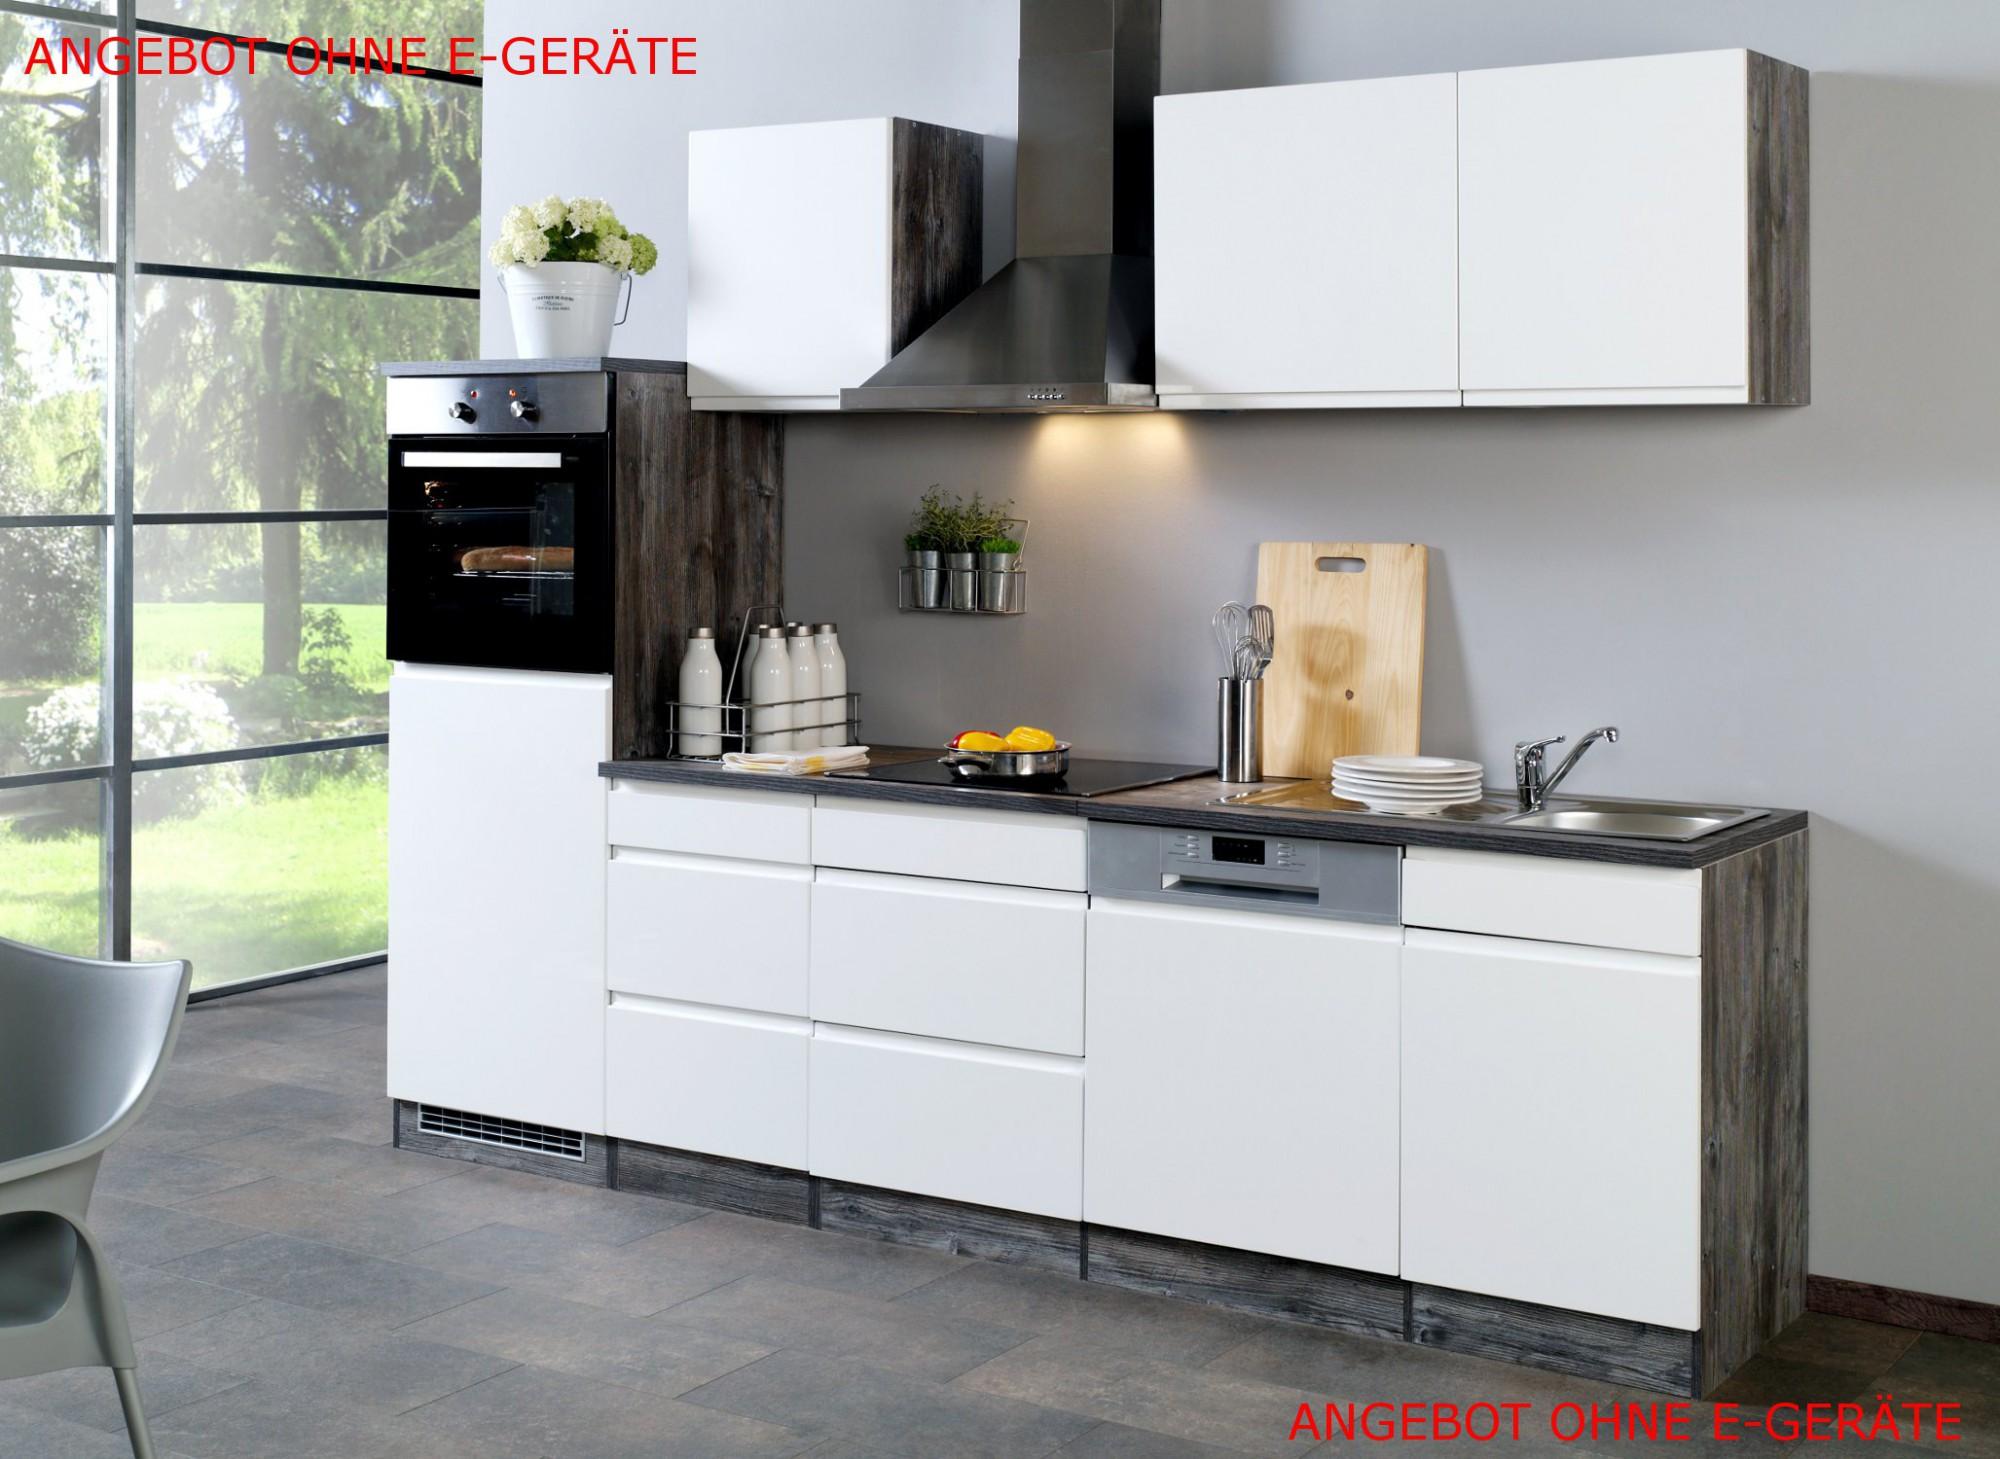 Full Size of Roller Komplettküche Einbauküche Ohne Kühlschrank Komplettküche Mit Geräten Kleine Komplettküche Küche Einbauküche Ohne Kühlschrank